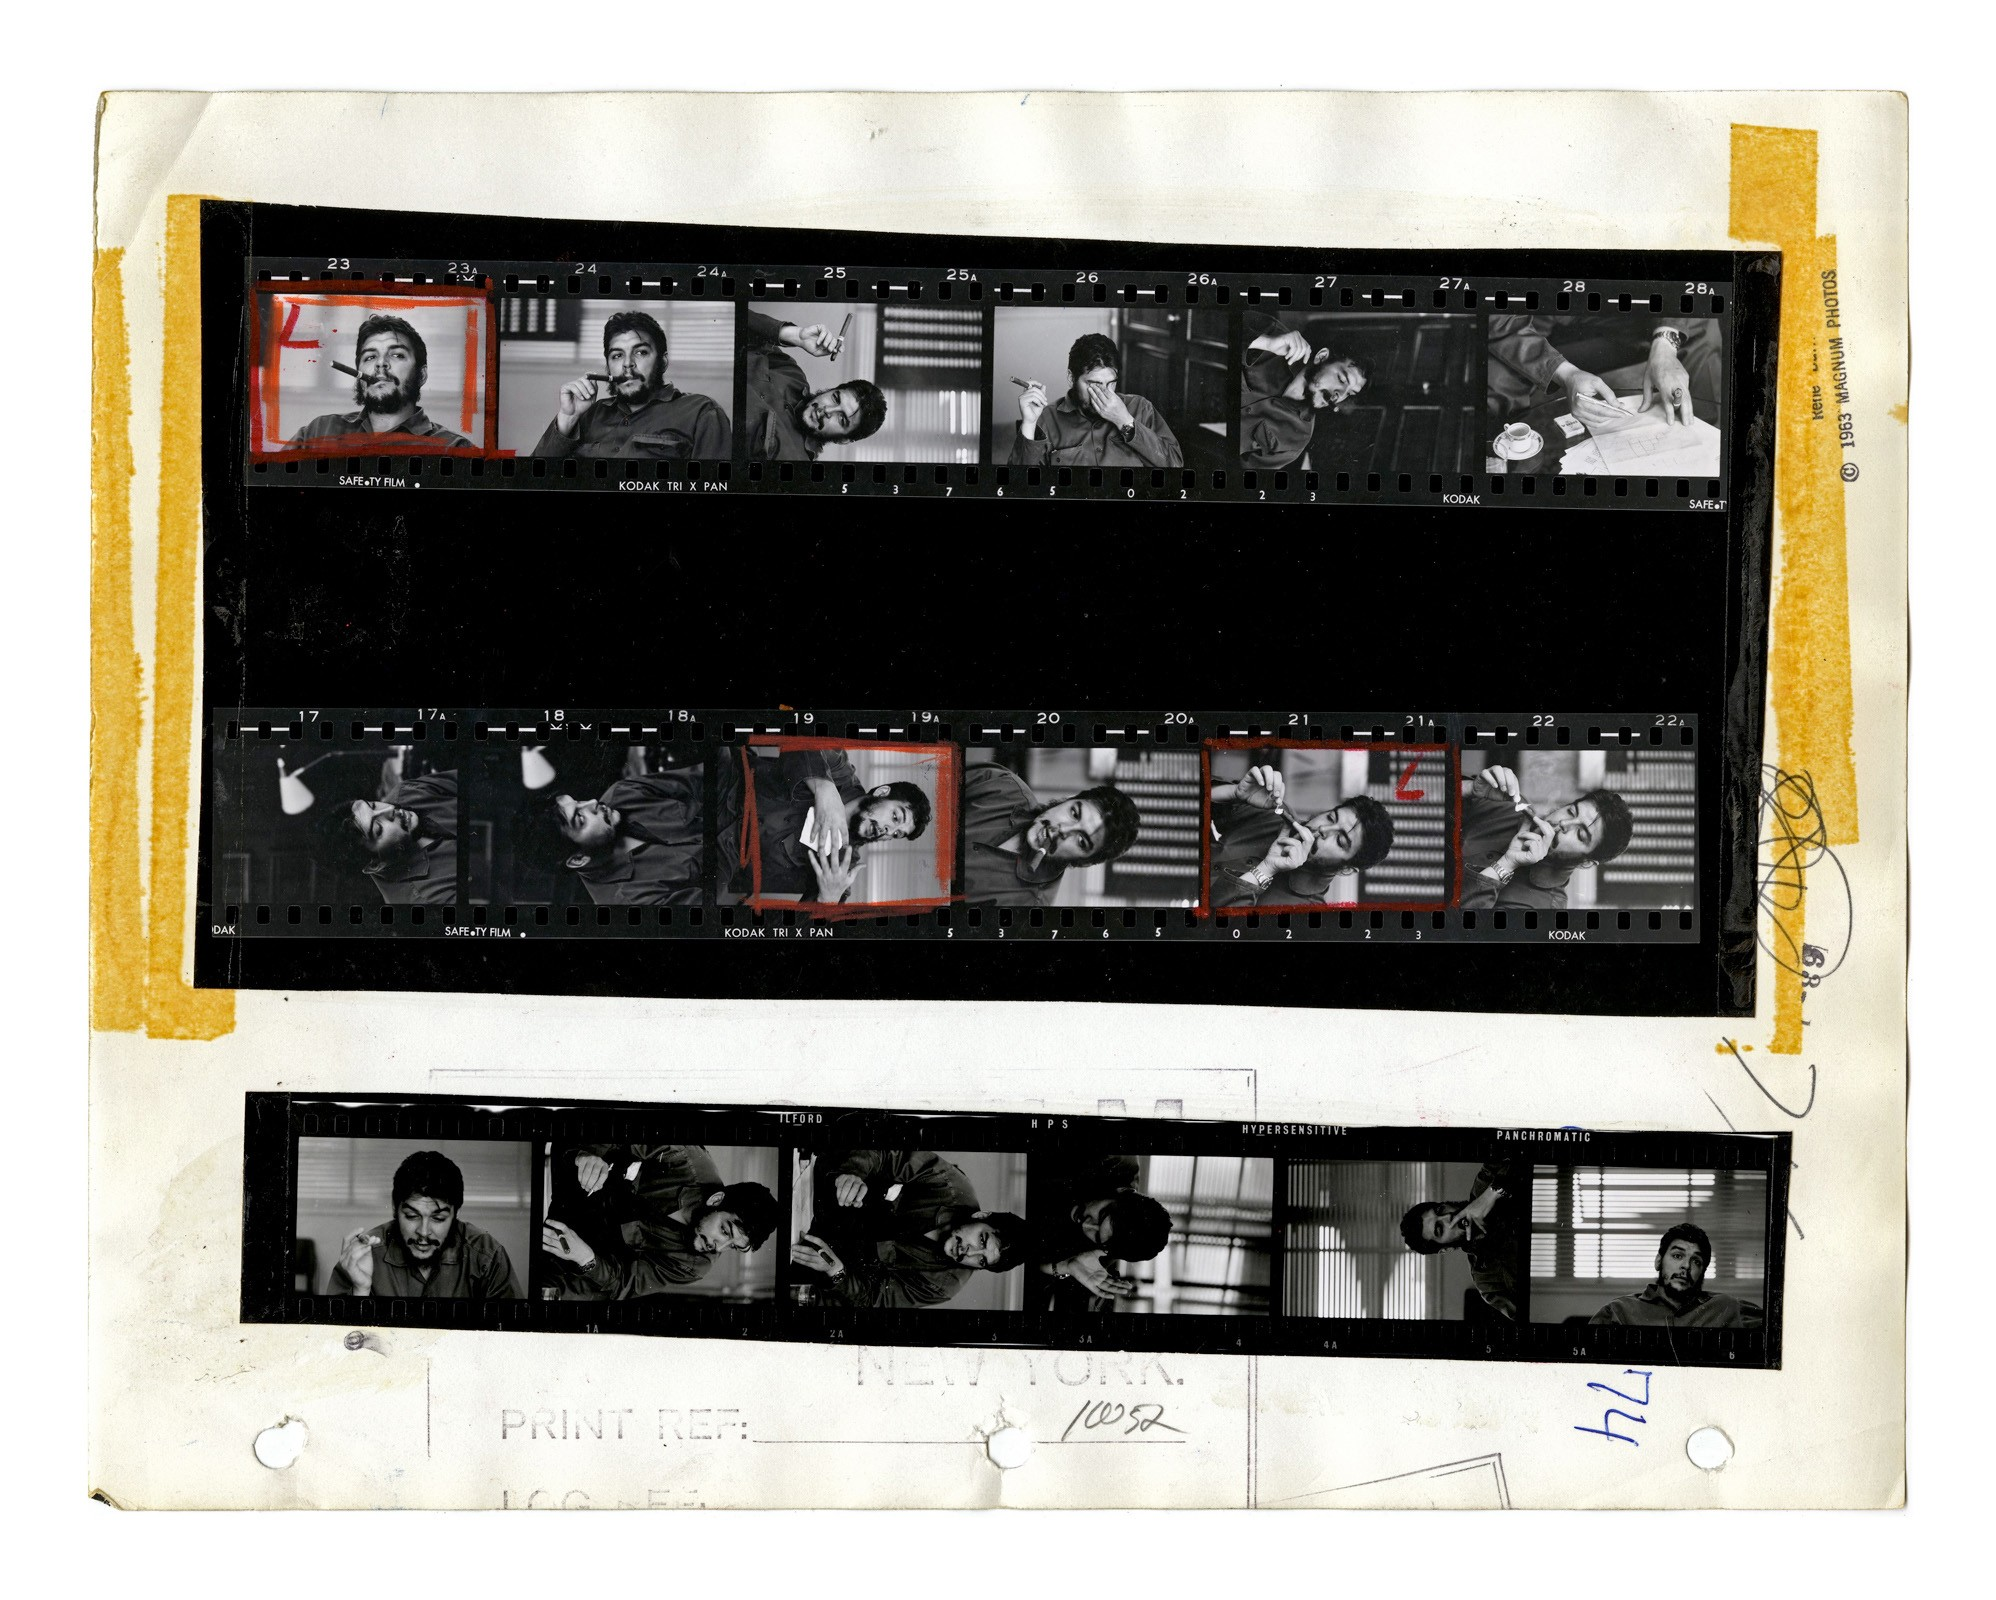 Cuba, 1963, Contact Sheet Rene Burri, Magnum Photos